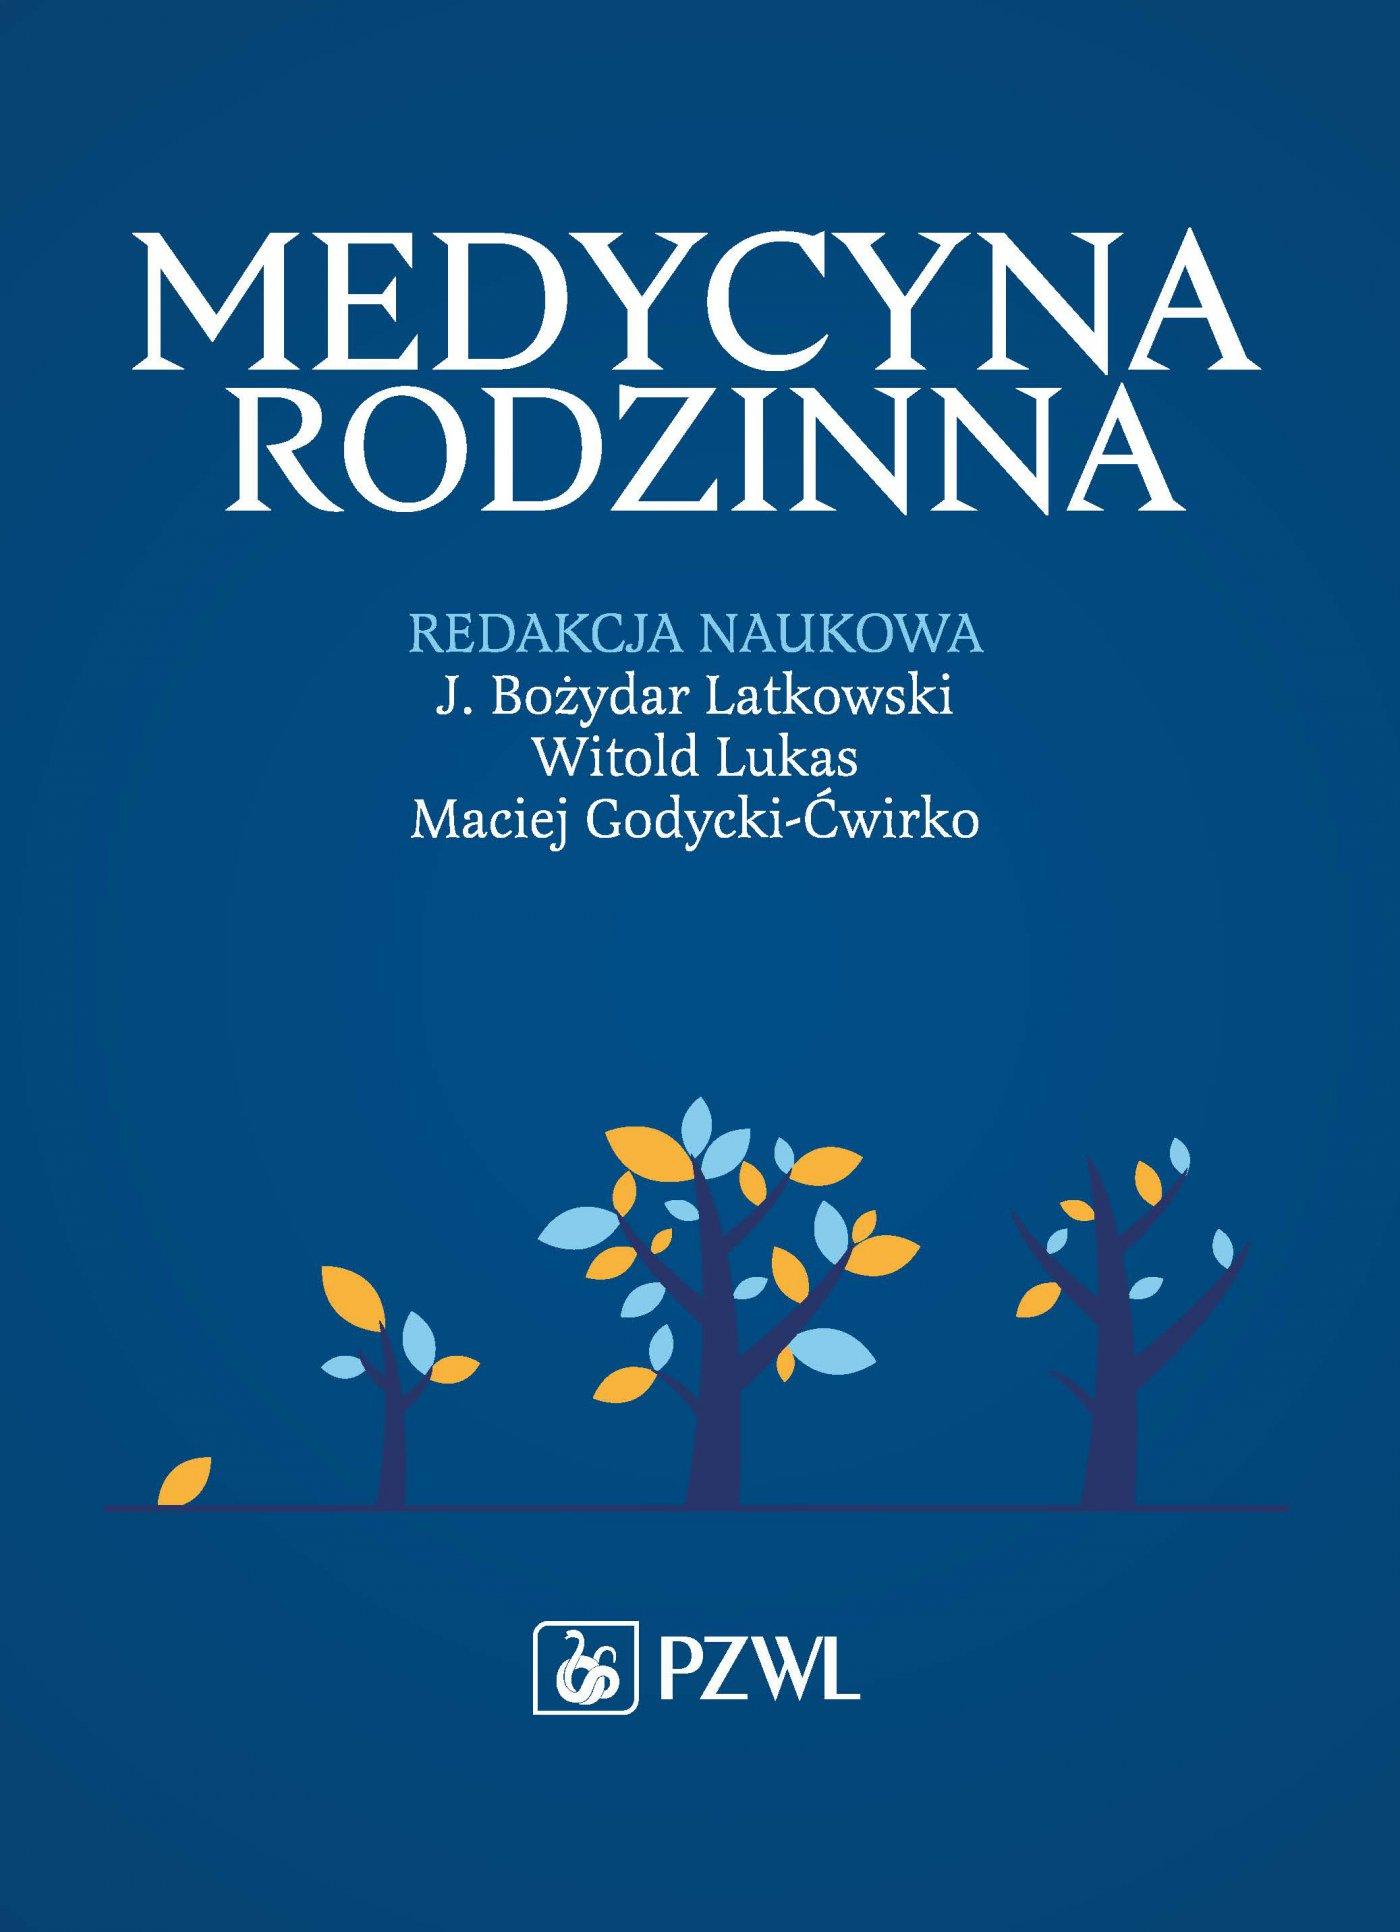 Medycyna rodzinna - Ebook (Książka EPUB) do pobrania w formacie EPUB